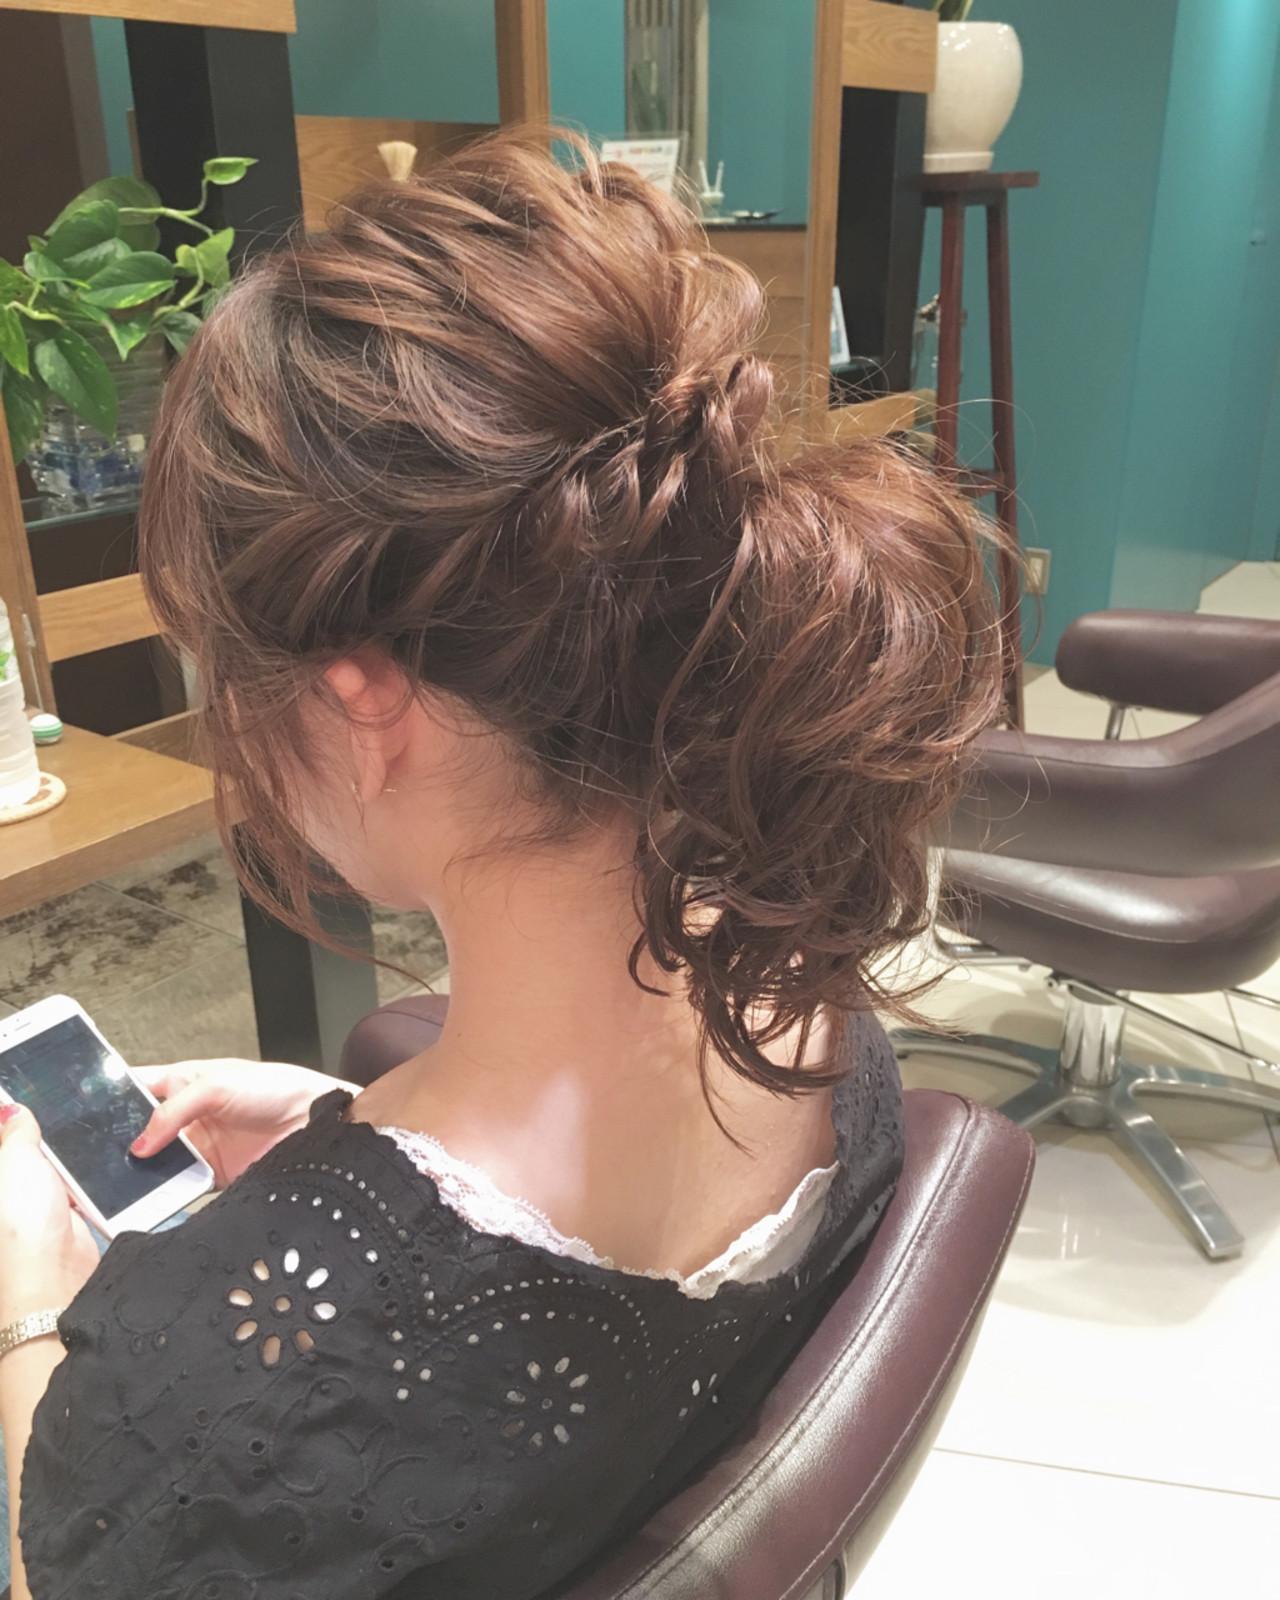 ゆるふわ 結婚式 ミディアム ポニーテール ヘアスタイルや髪型の写真・画像